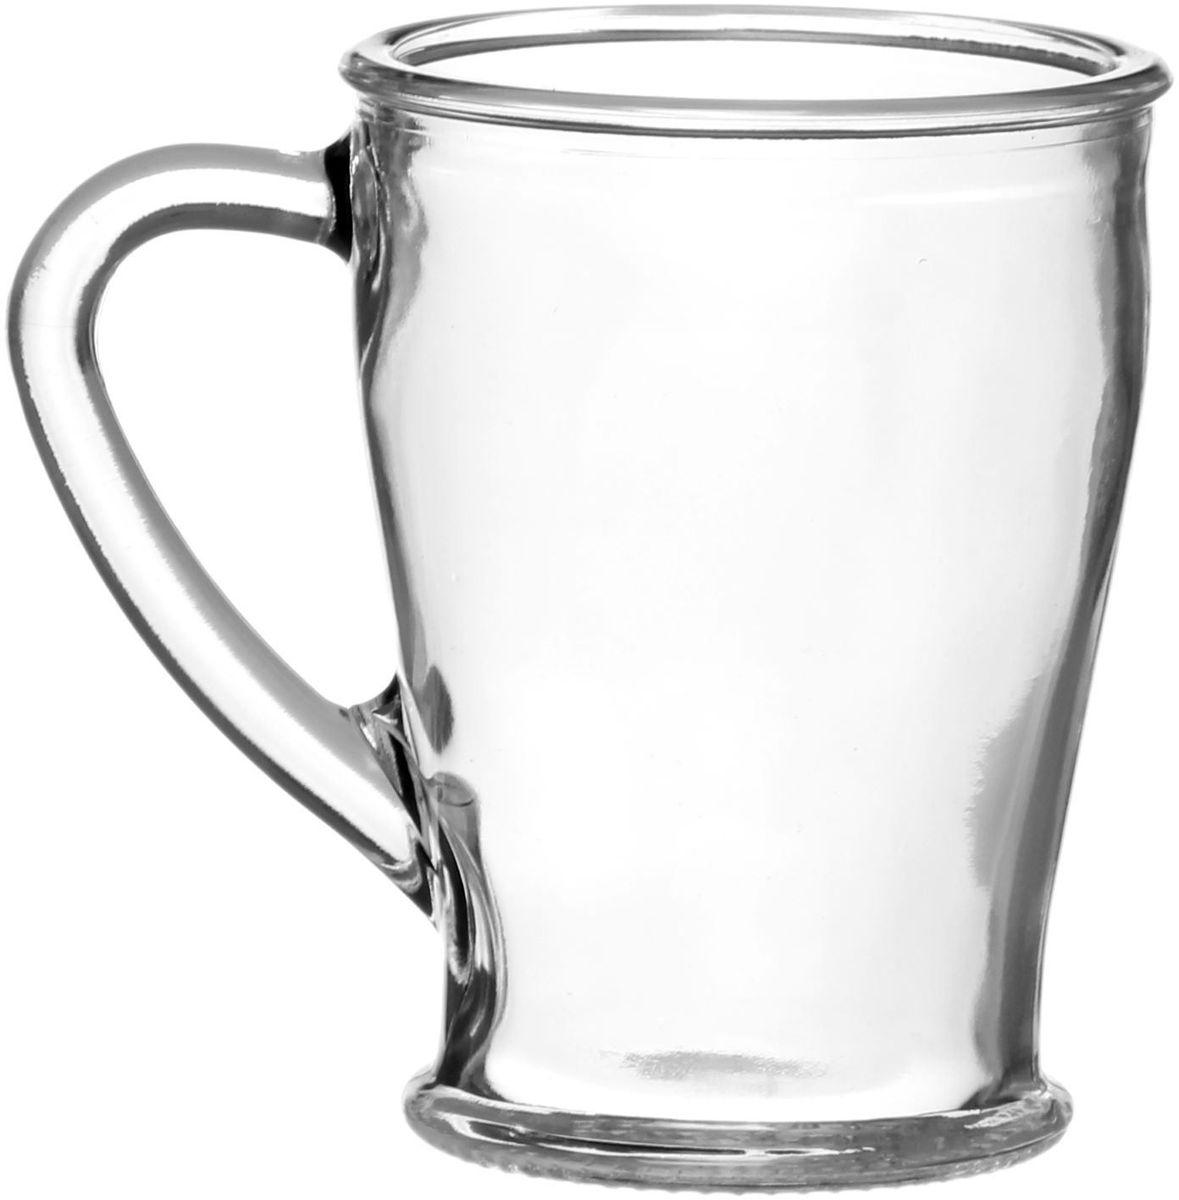 Кружка Хрустальный звон ЧайКофф, 200 млVT-1520(SR)От качества посуды зависит не только вкус еды, но и здоровье человека. Кружка Хрустальный звон ЧайКофф - товар, соответствующий российским стандартам качества. Кружка выполнена из высококачественного стекла.Любой хозяйке будет приятно держать ее в руках.